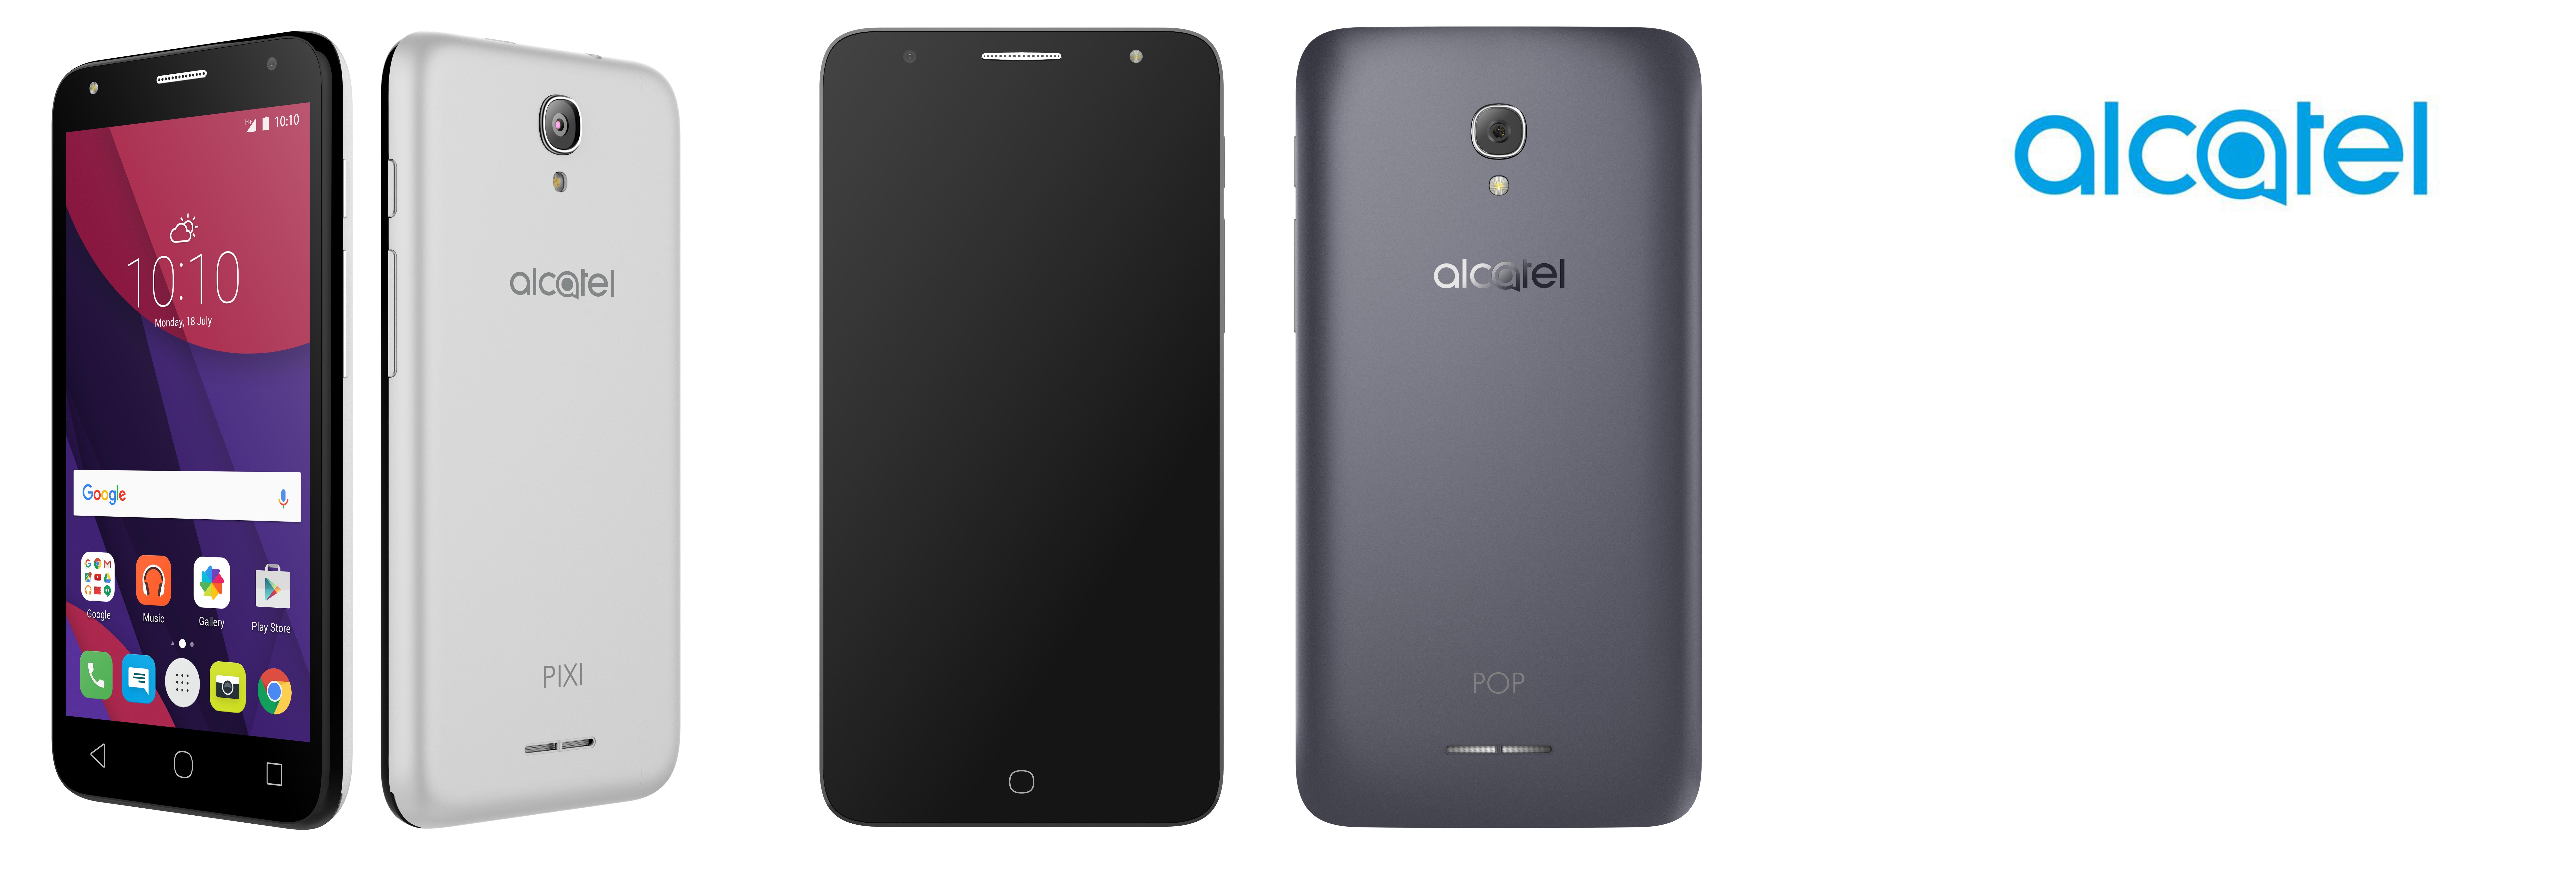 Chytré telefony Alcatel vás uhranou svou elegancí a cenou